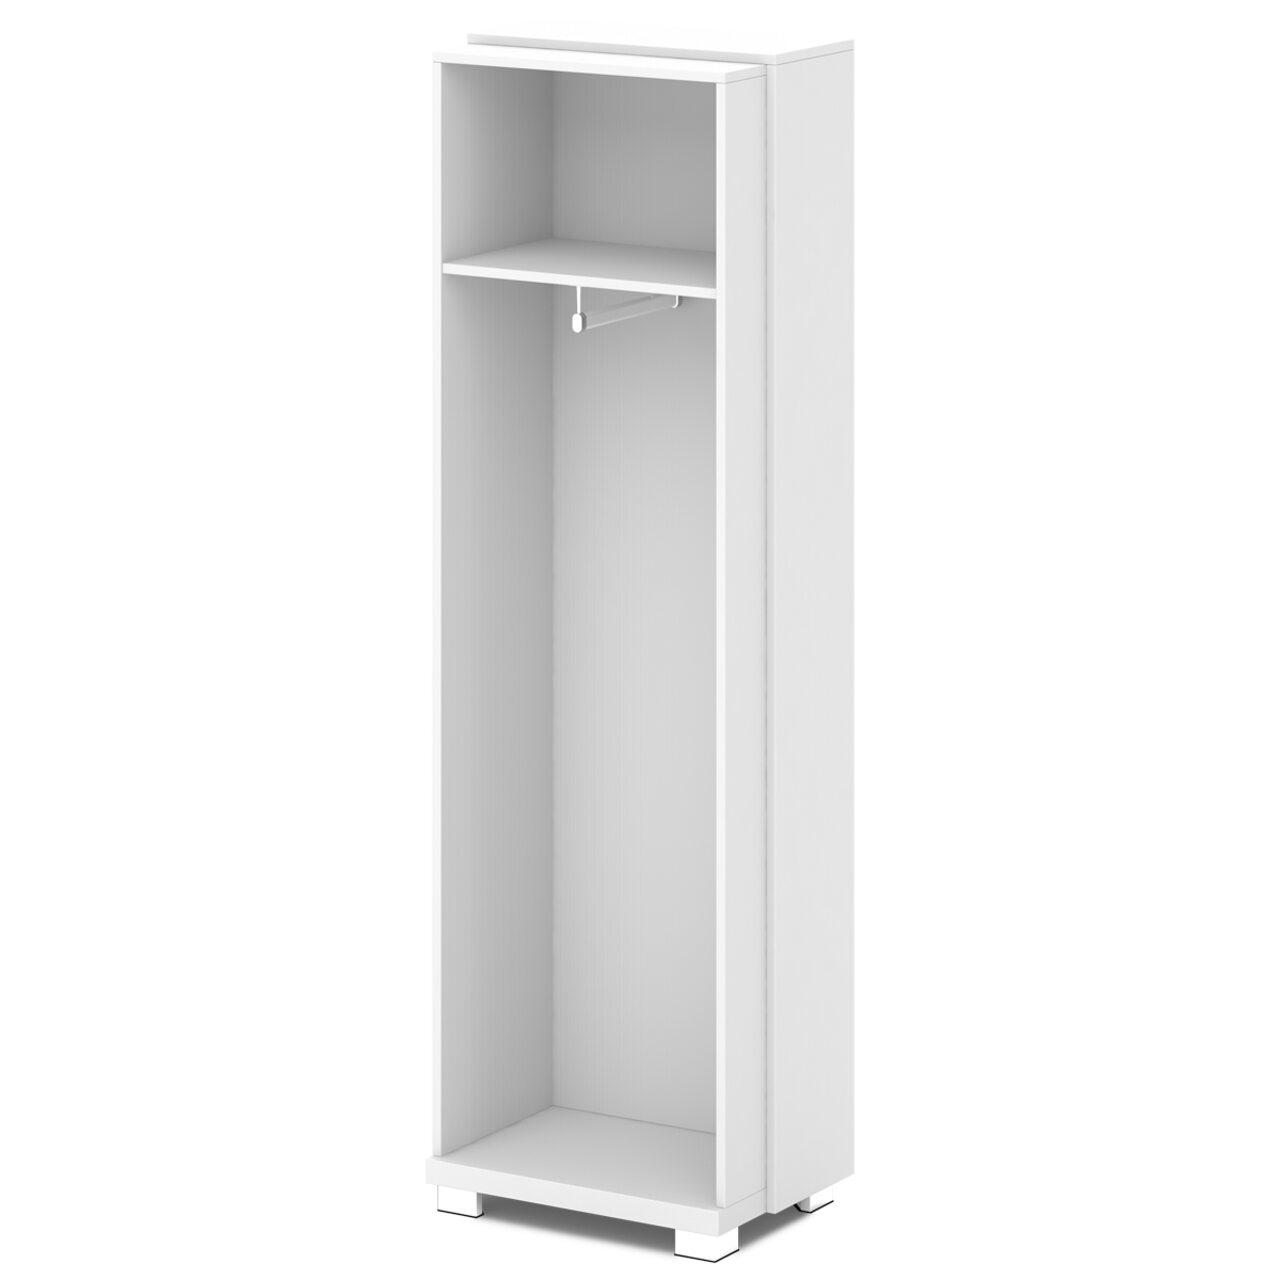 Каркас шкафа для одежды отдельностоящий  GRACE 64x44x205 - фото 3